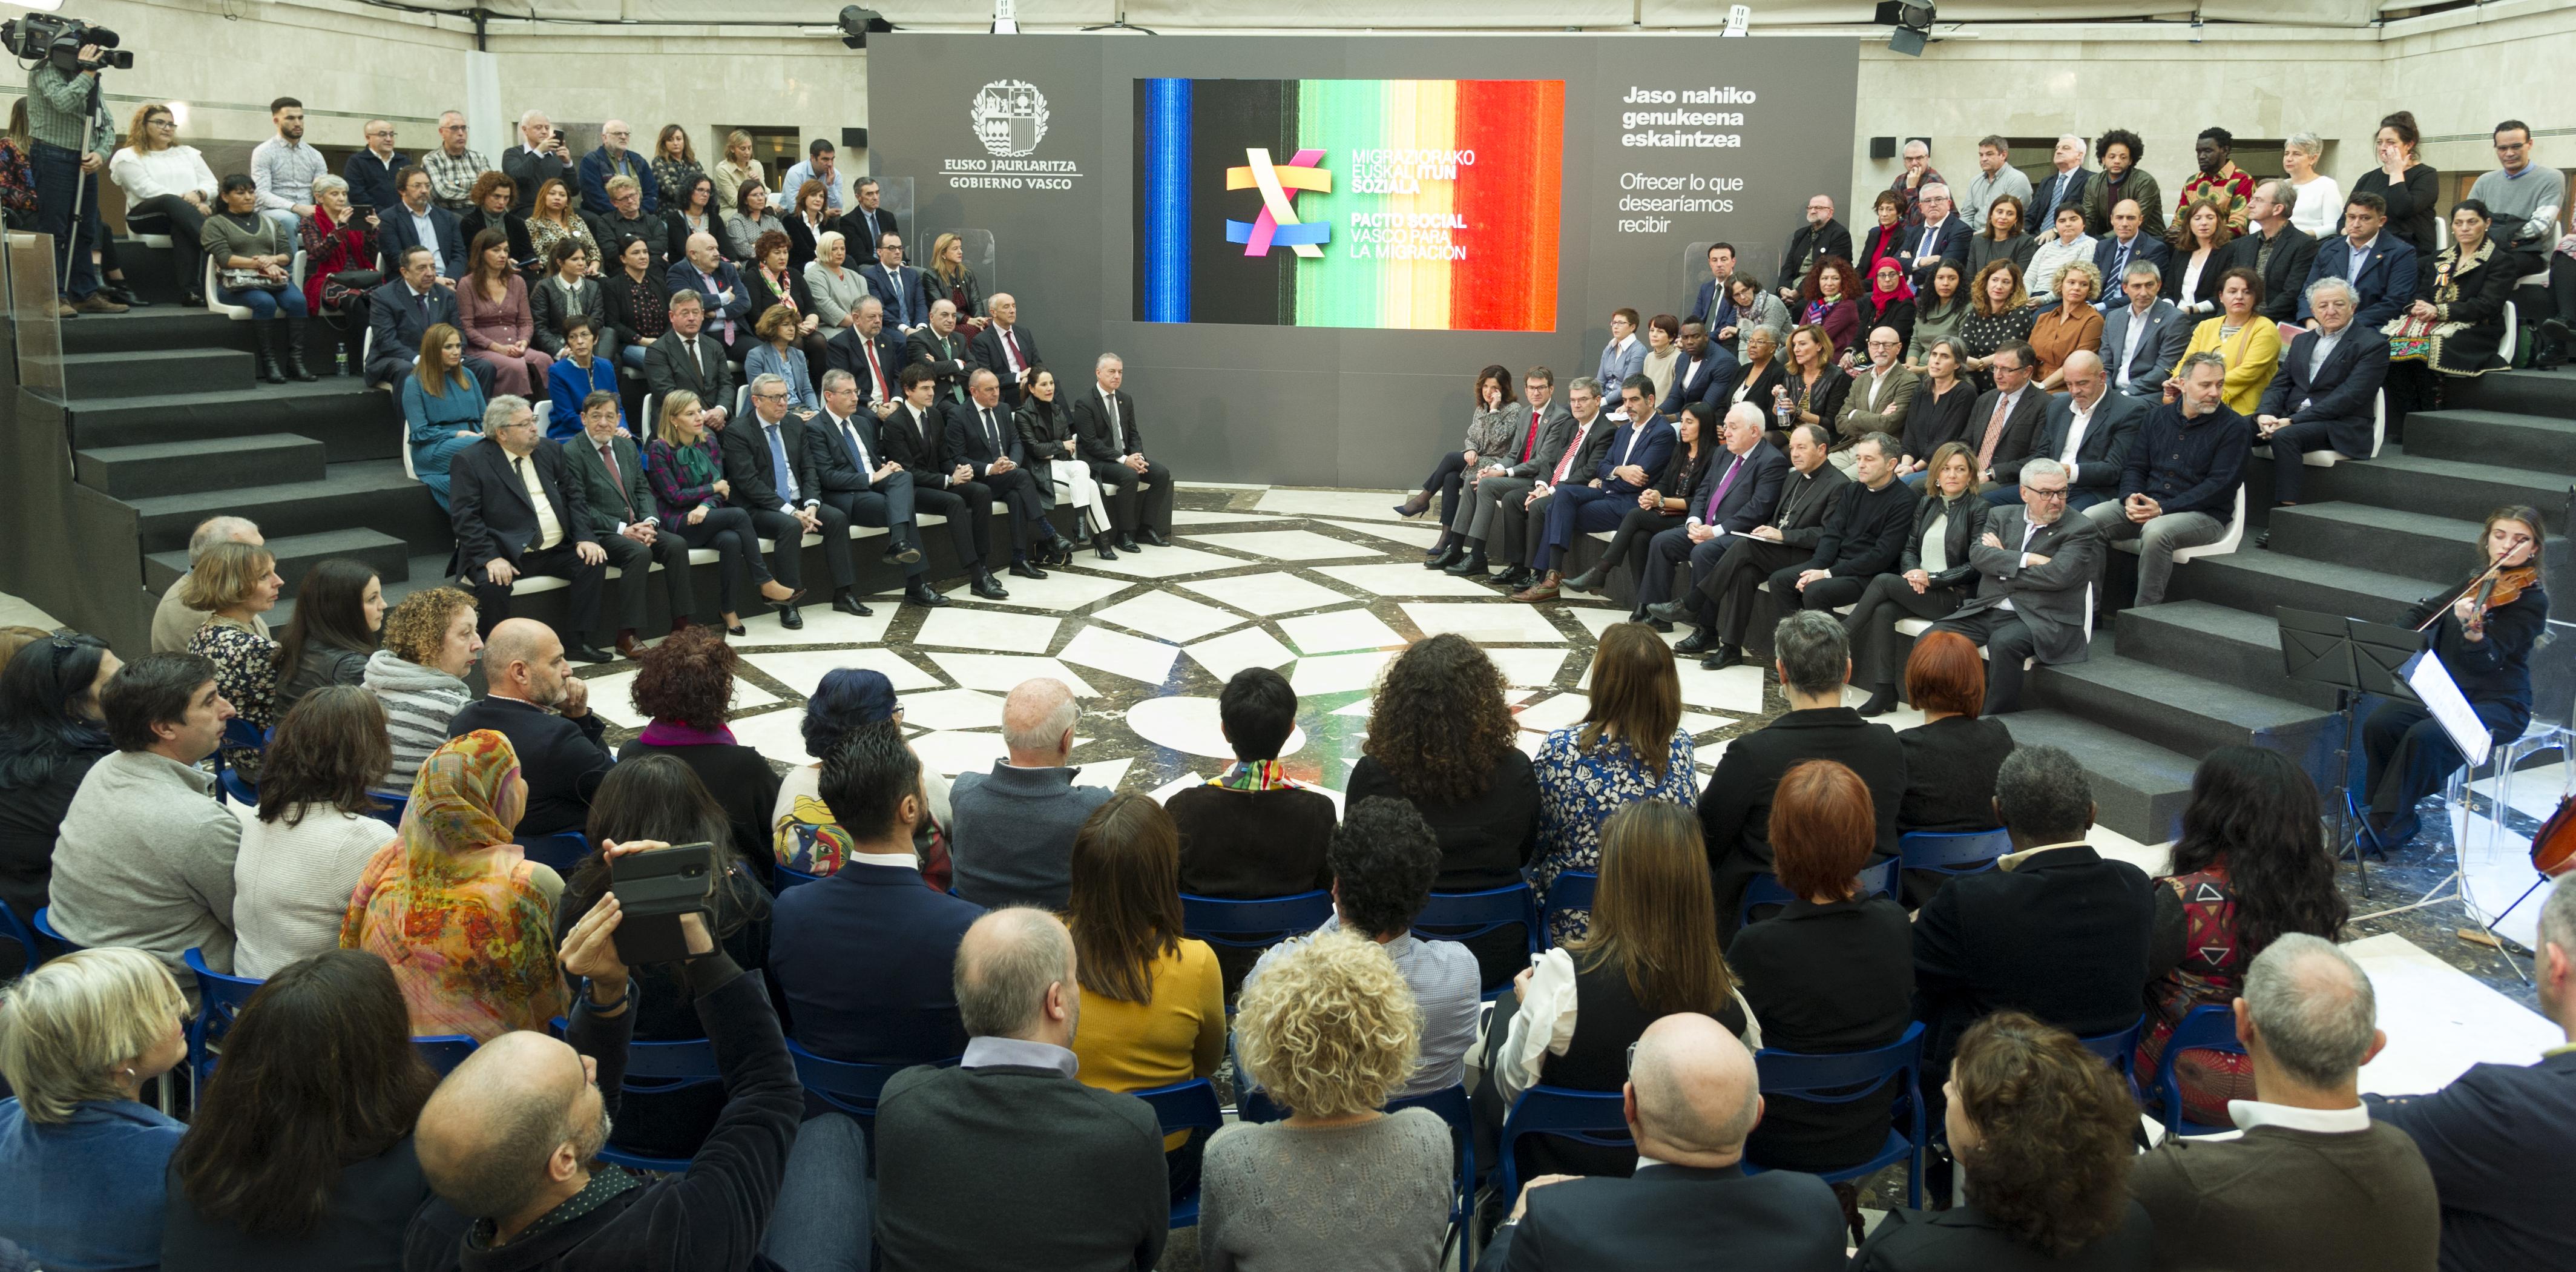 Euskadi consolida un discurso compartido y una imagen de unidad para responder positivamente a los retos migratorios y hacer frente a la demagogia populista